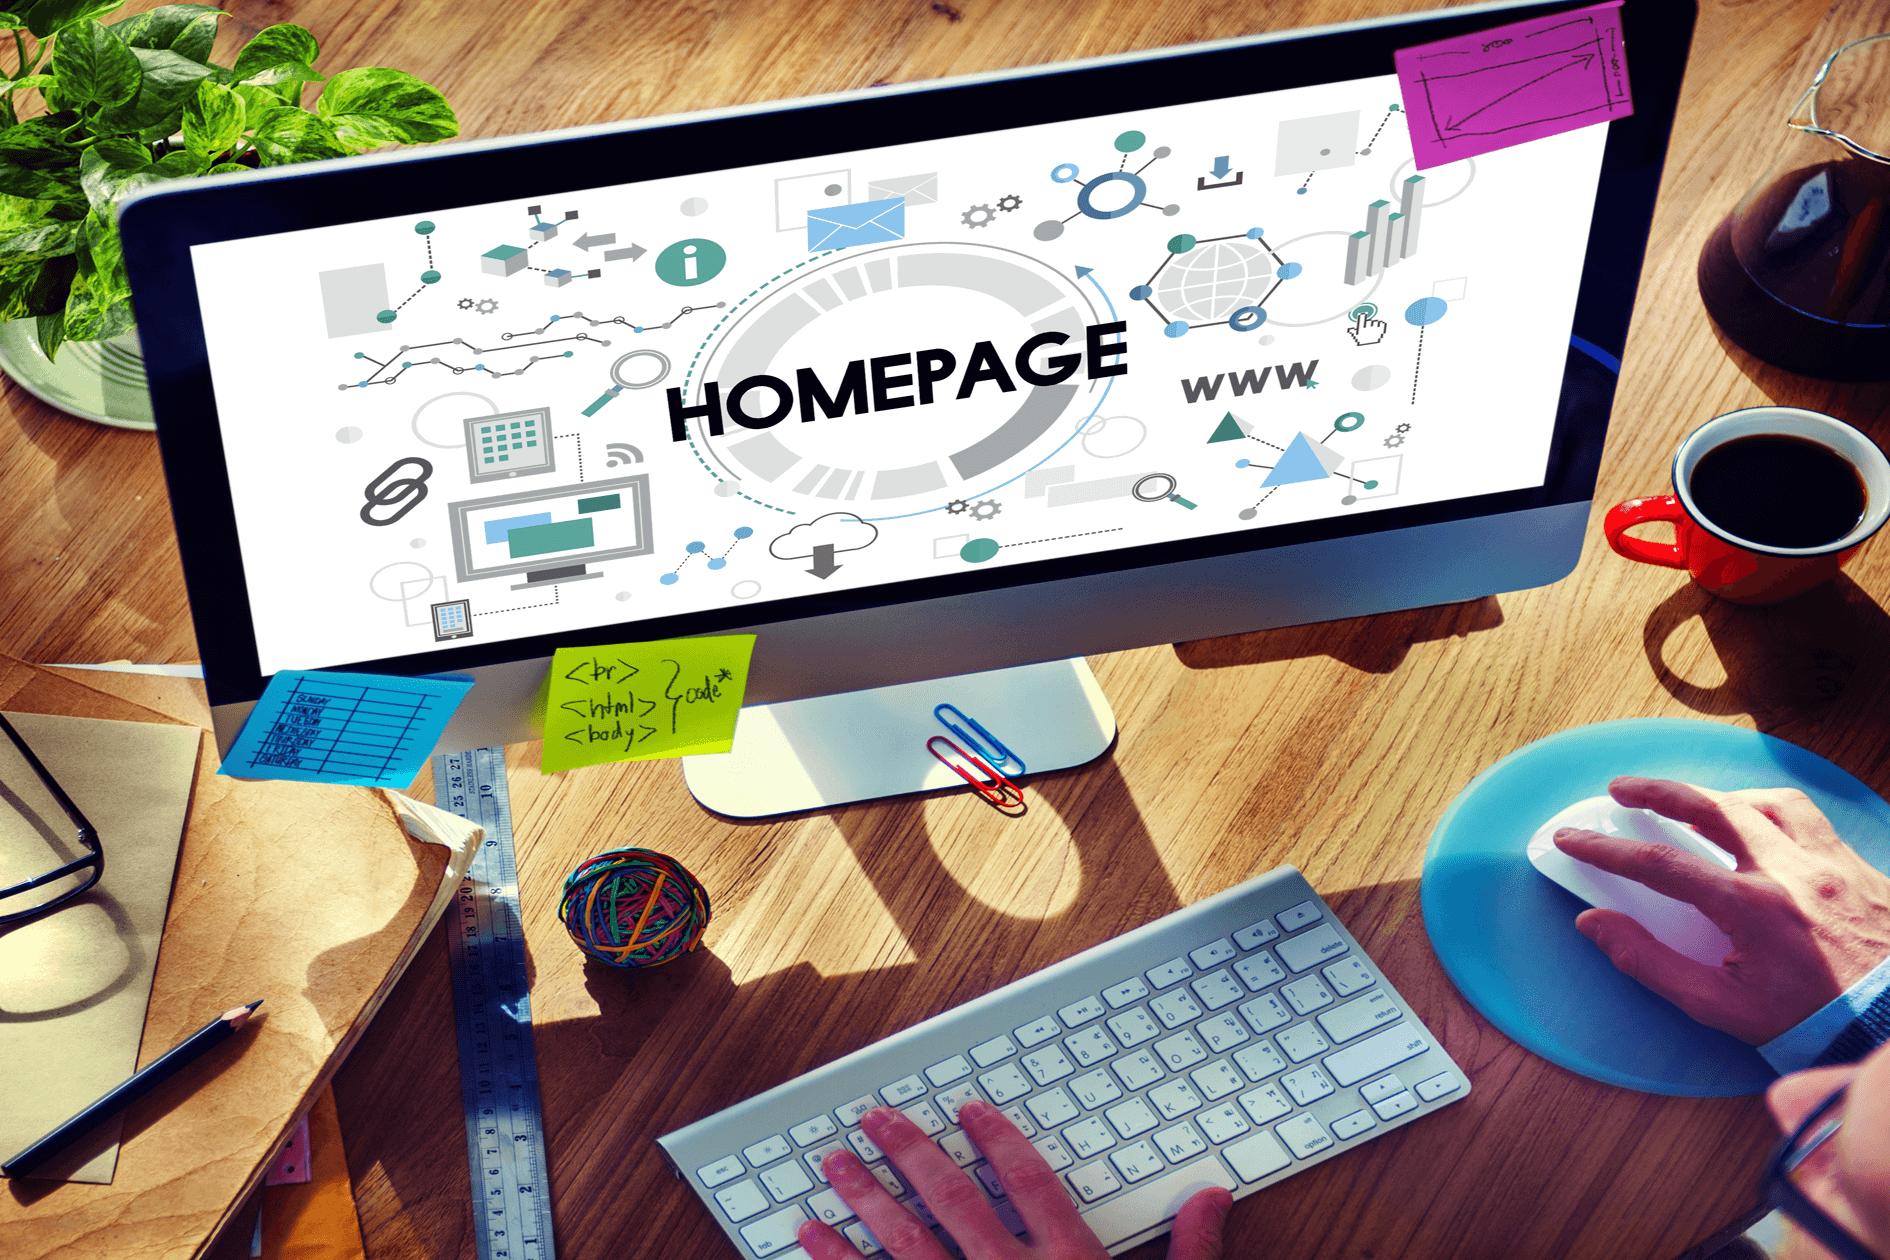 【初心者向け】WordPressで簡単にホームページを作る方法